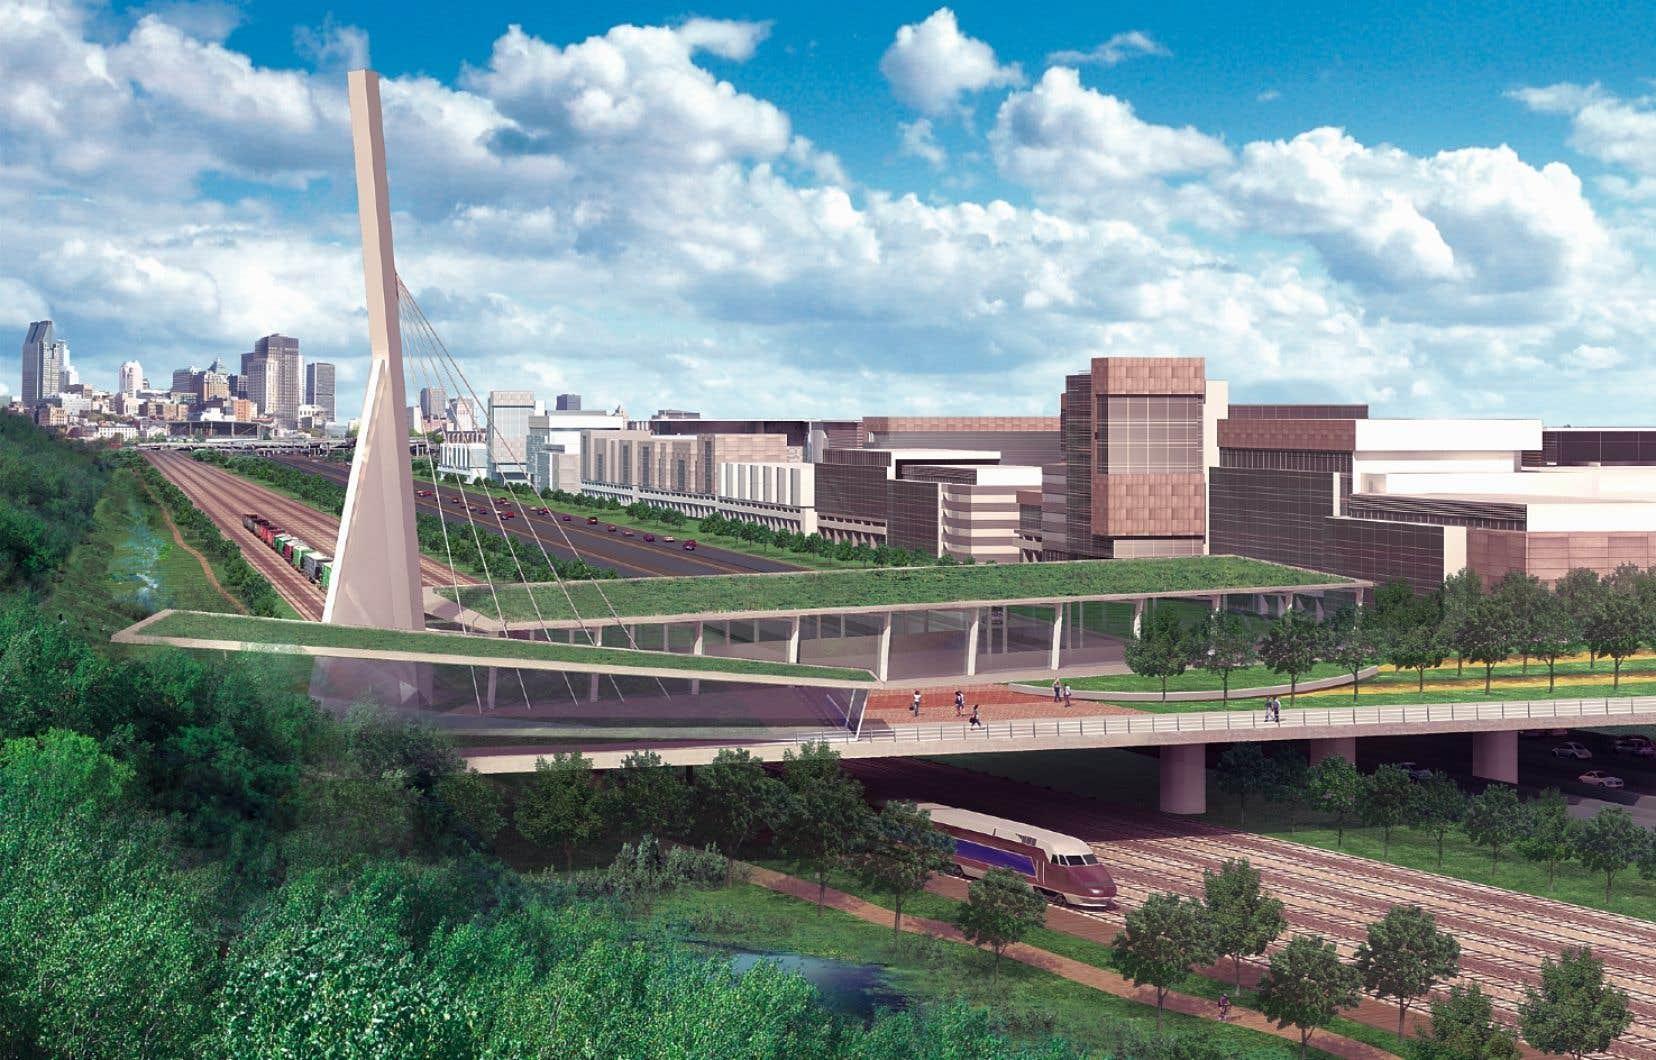 «La mobilité active, la biodiversité et la qualité de vie à l'échelle locale doivent aujourd'hui cheminer sur la voie rapide et occuper l'avant-scène des projets d'infrastructures qui feront la renommée de Montréal», pensent les signataires.